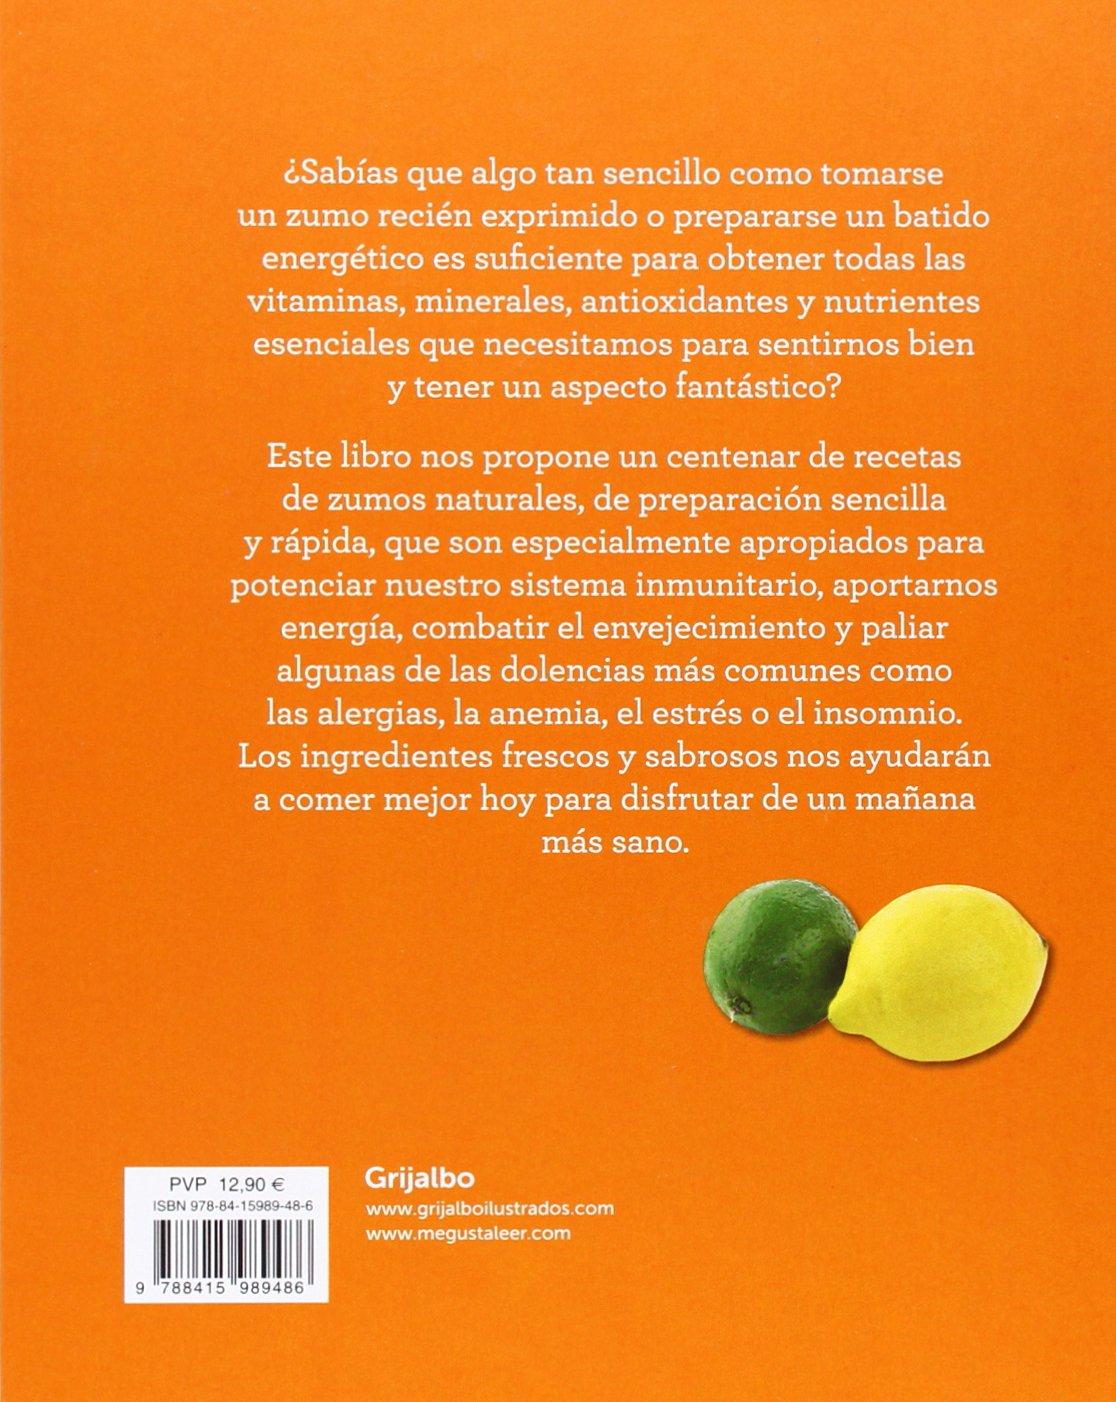 100 zumos para cuidar tu salud : 100 recetas naturales para estimular tu cuerpo y tu mente: Sarah Owen: 9788415989486: Amazon.com: Books